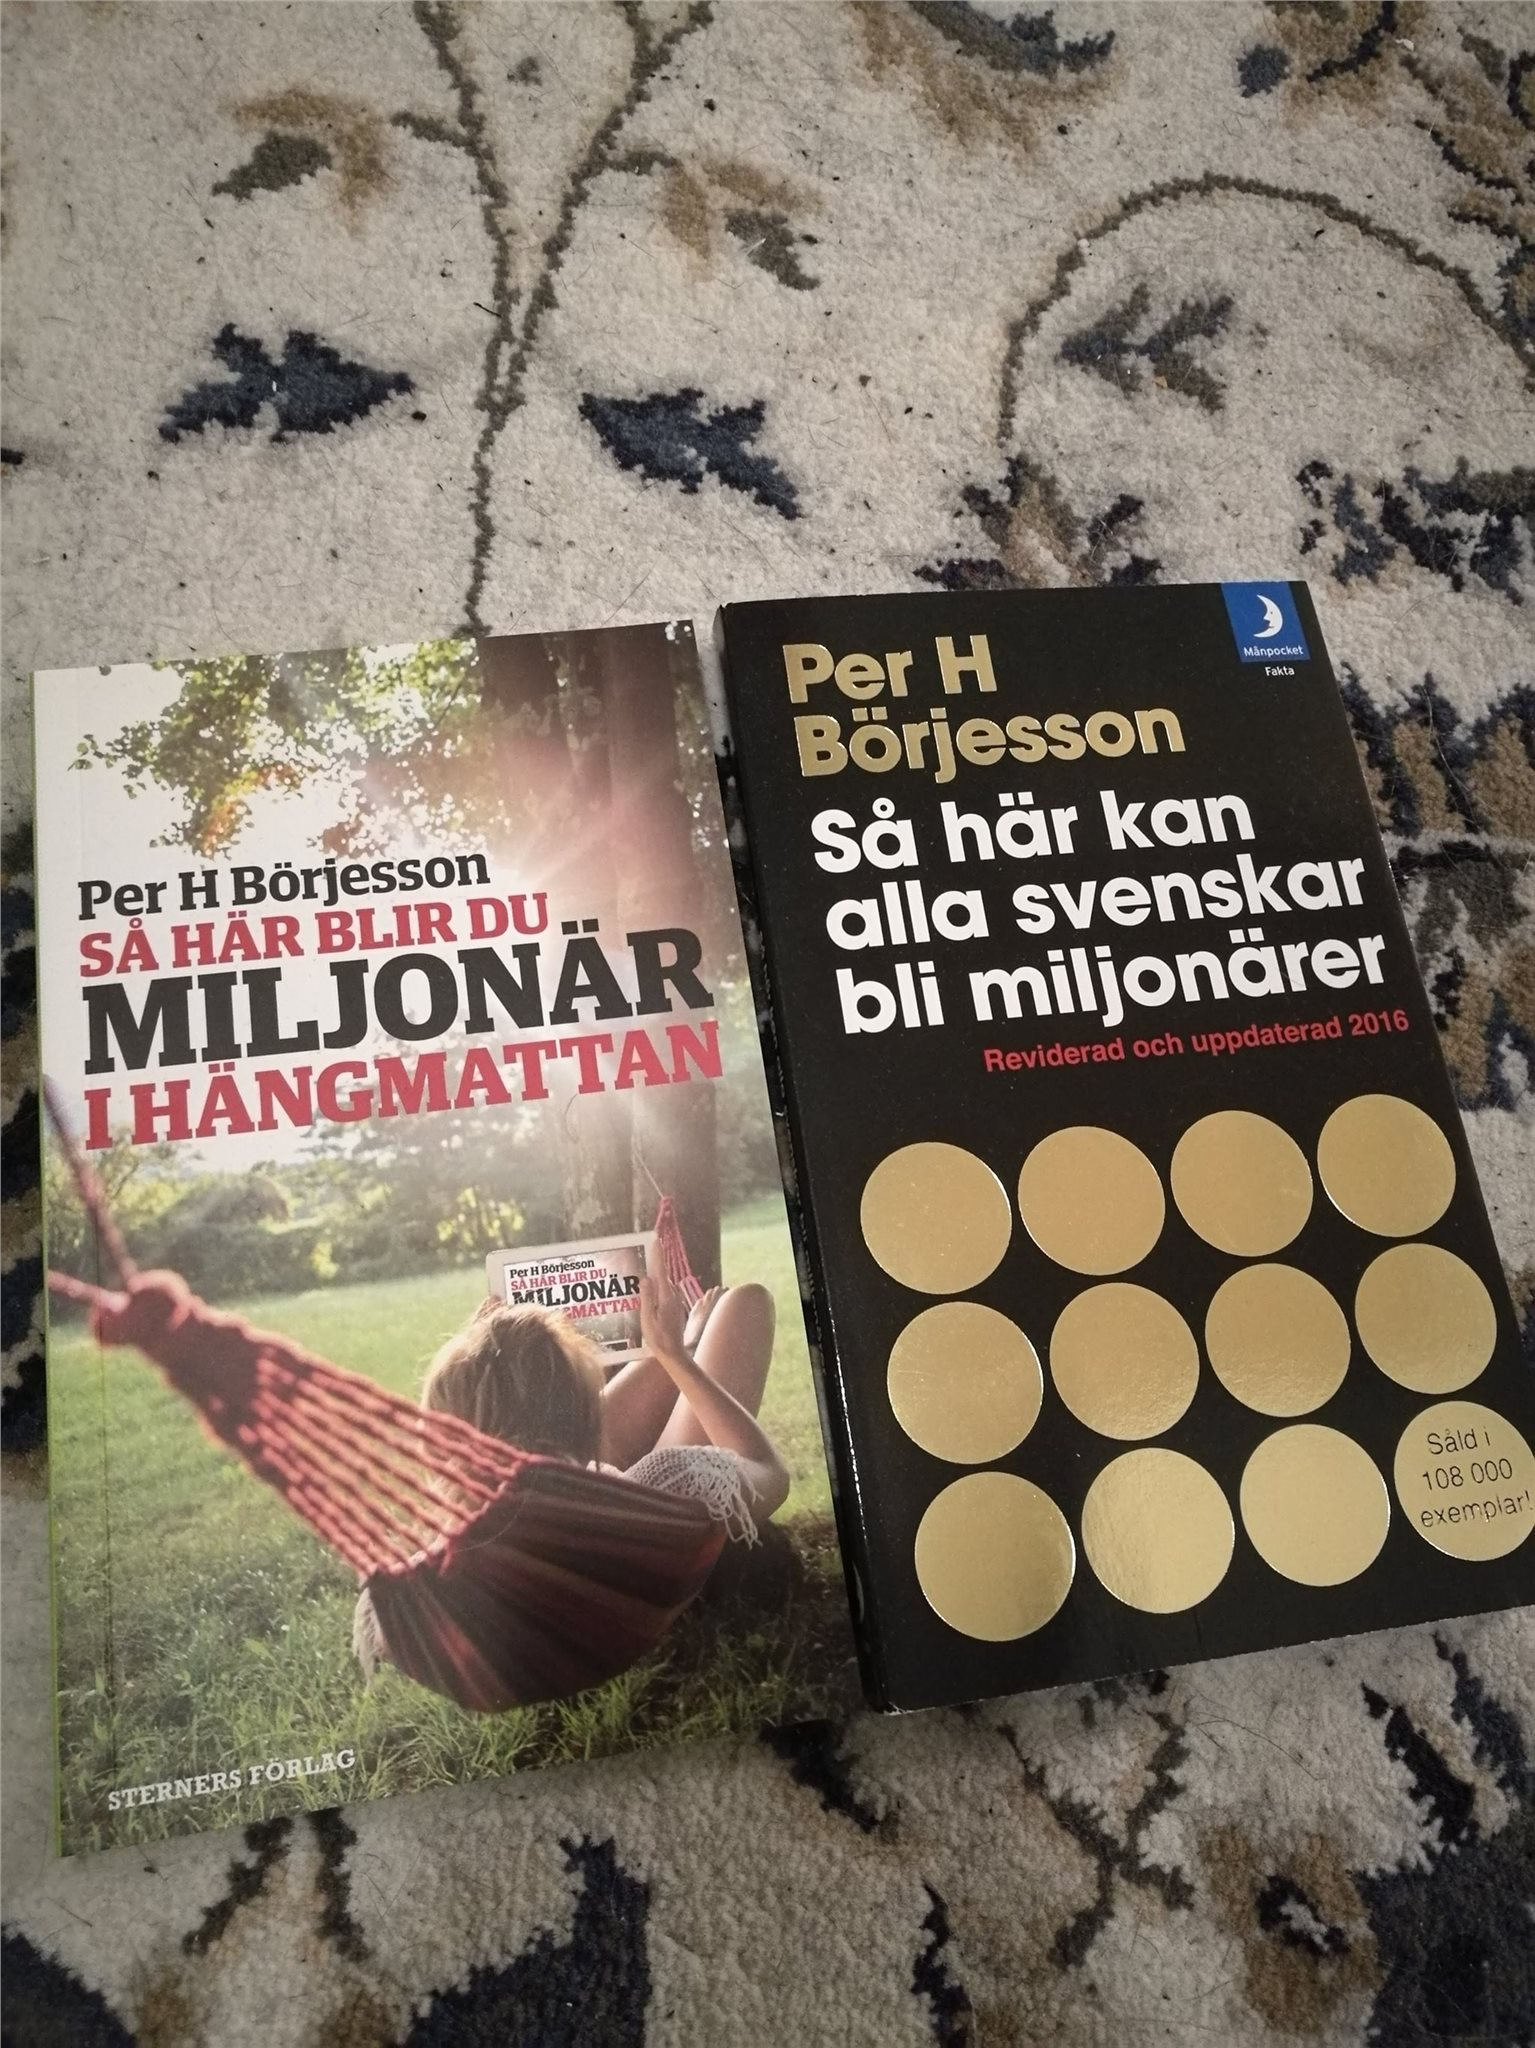 så här blir alla svenskar miljonärer